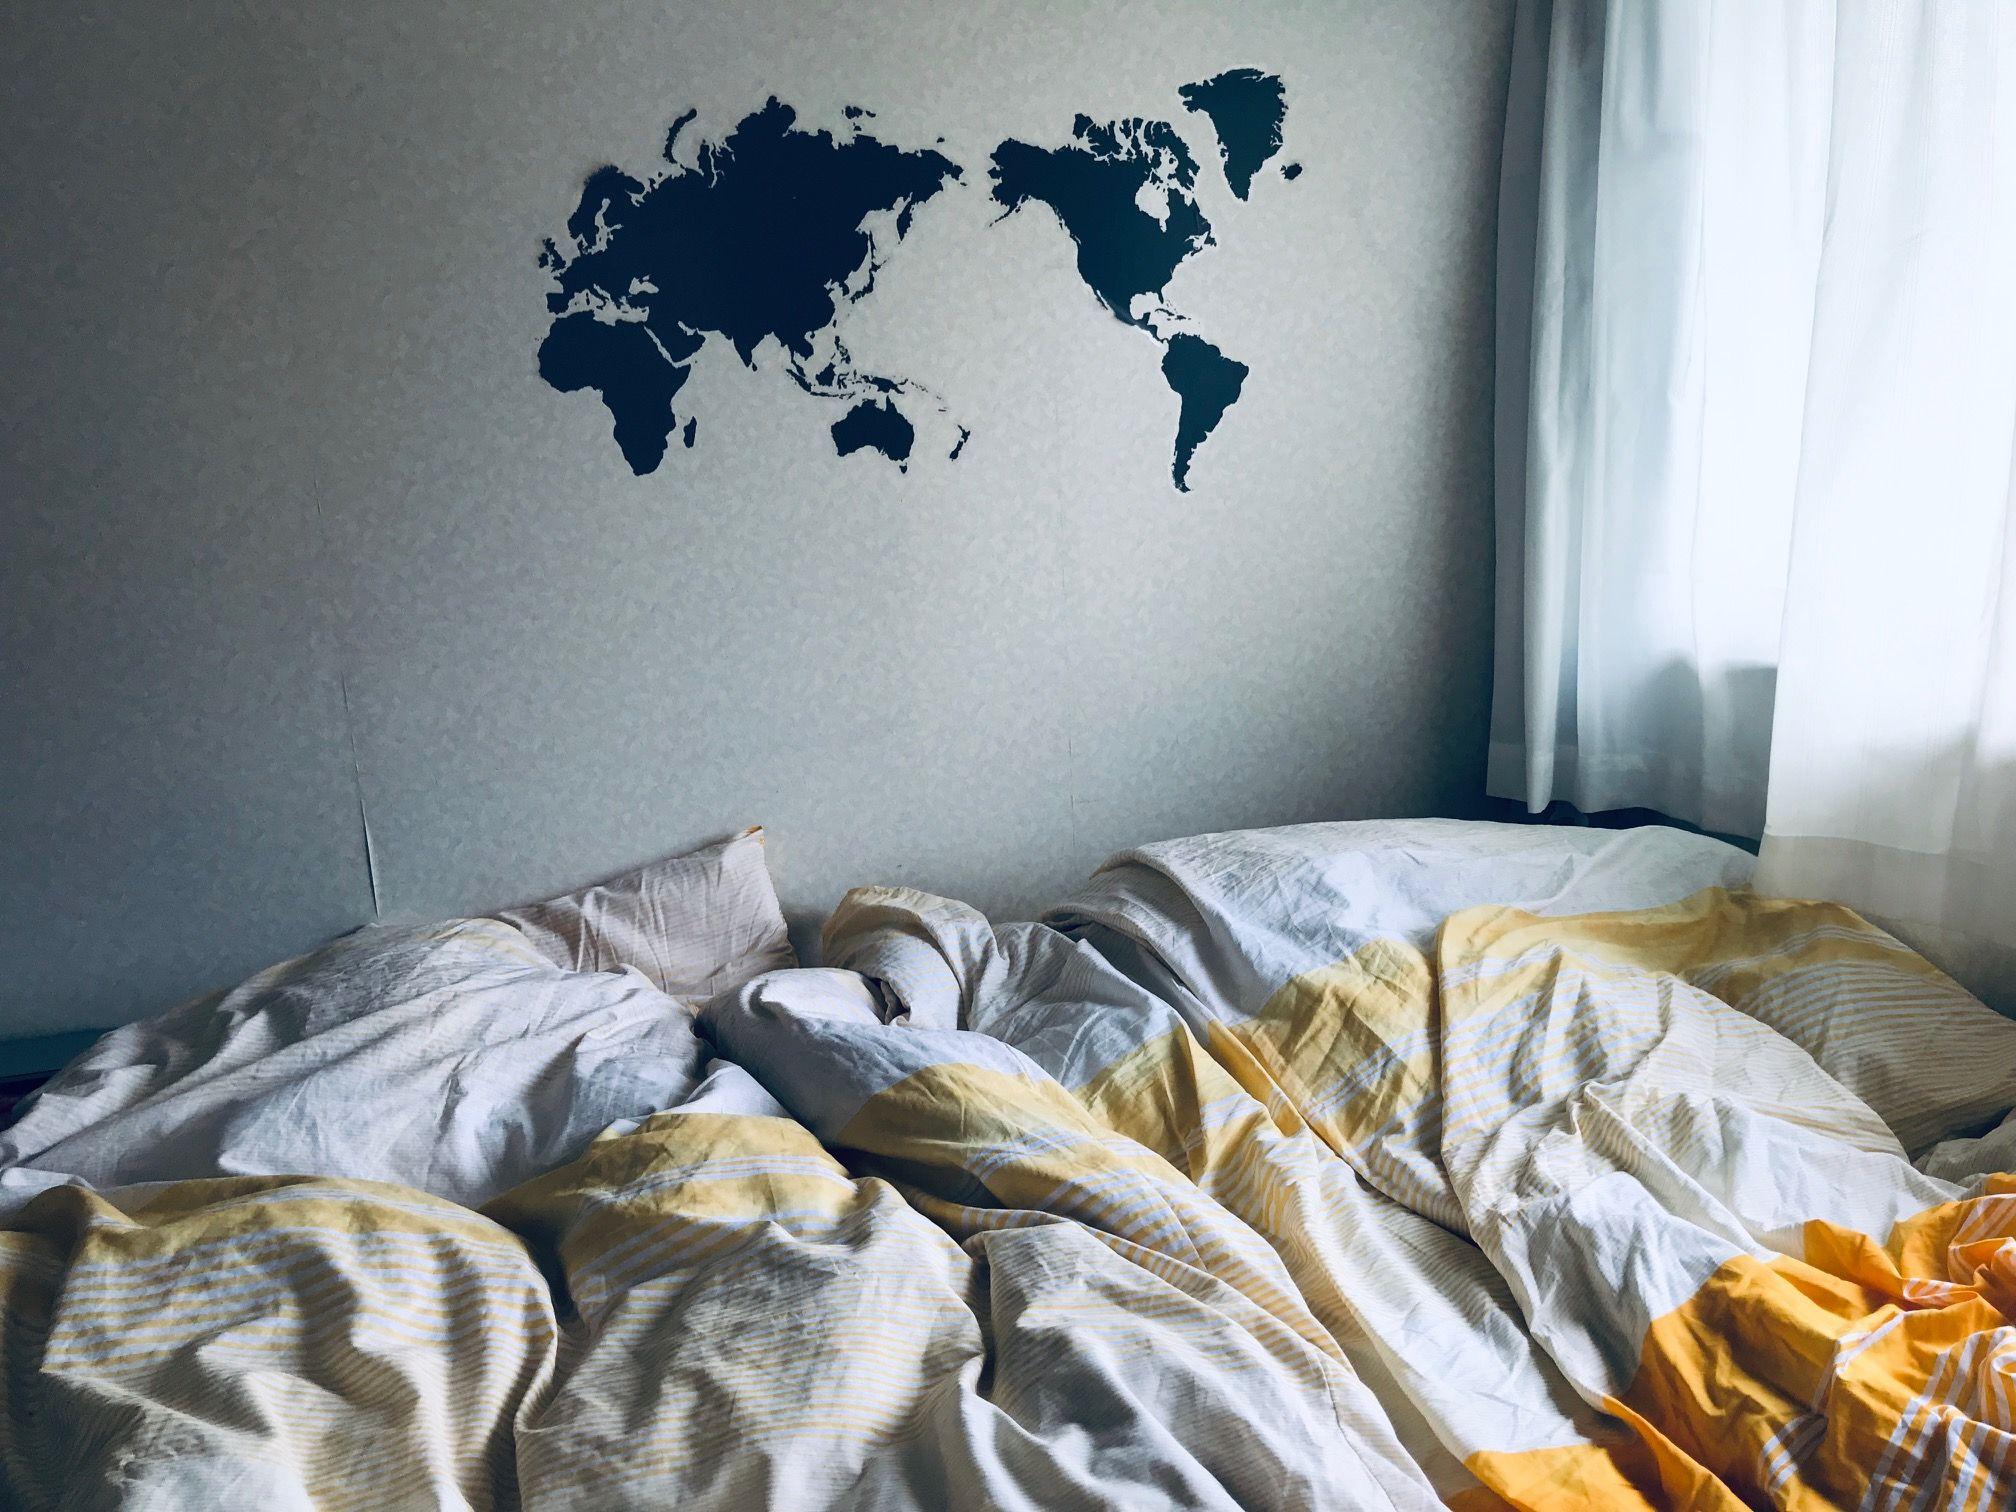 ZARAHOMEベッドリネンとIKEA世界地図ステッカー